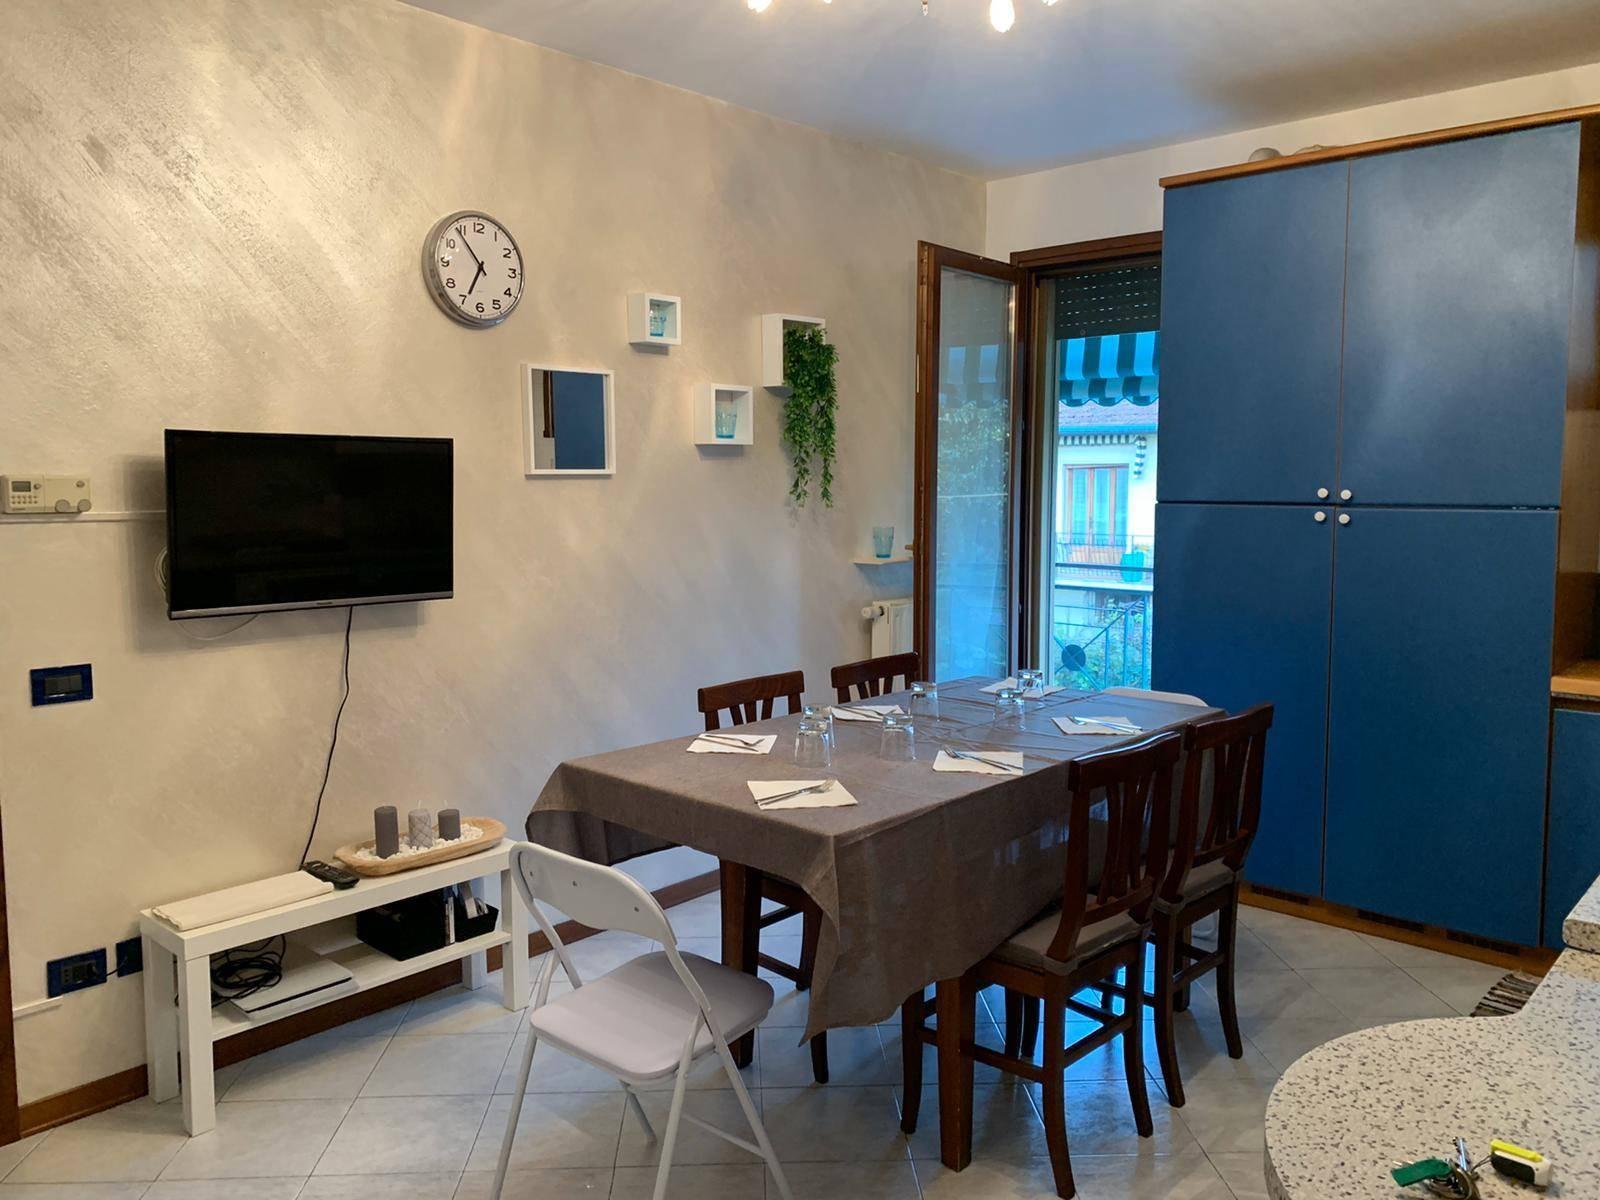 Appartamento in affitto a Martellago, 2 locali, zona Zona: Olmo, prezzo € 500 | CambioCasa.it